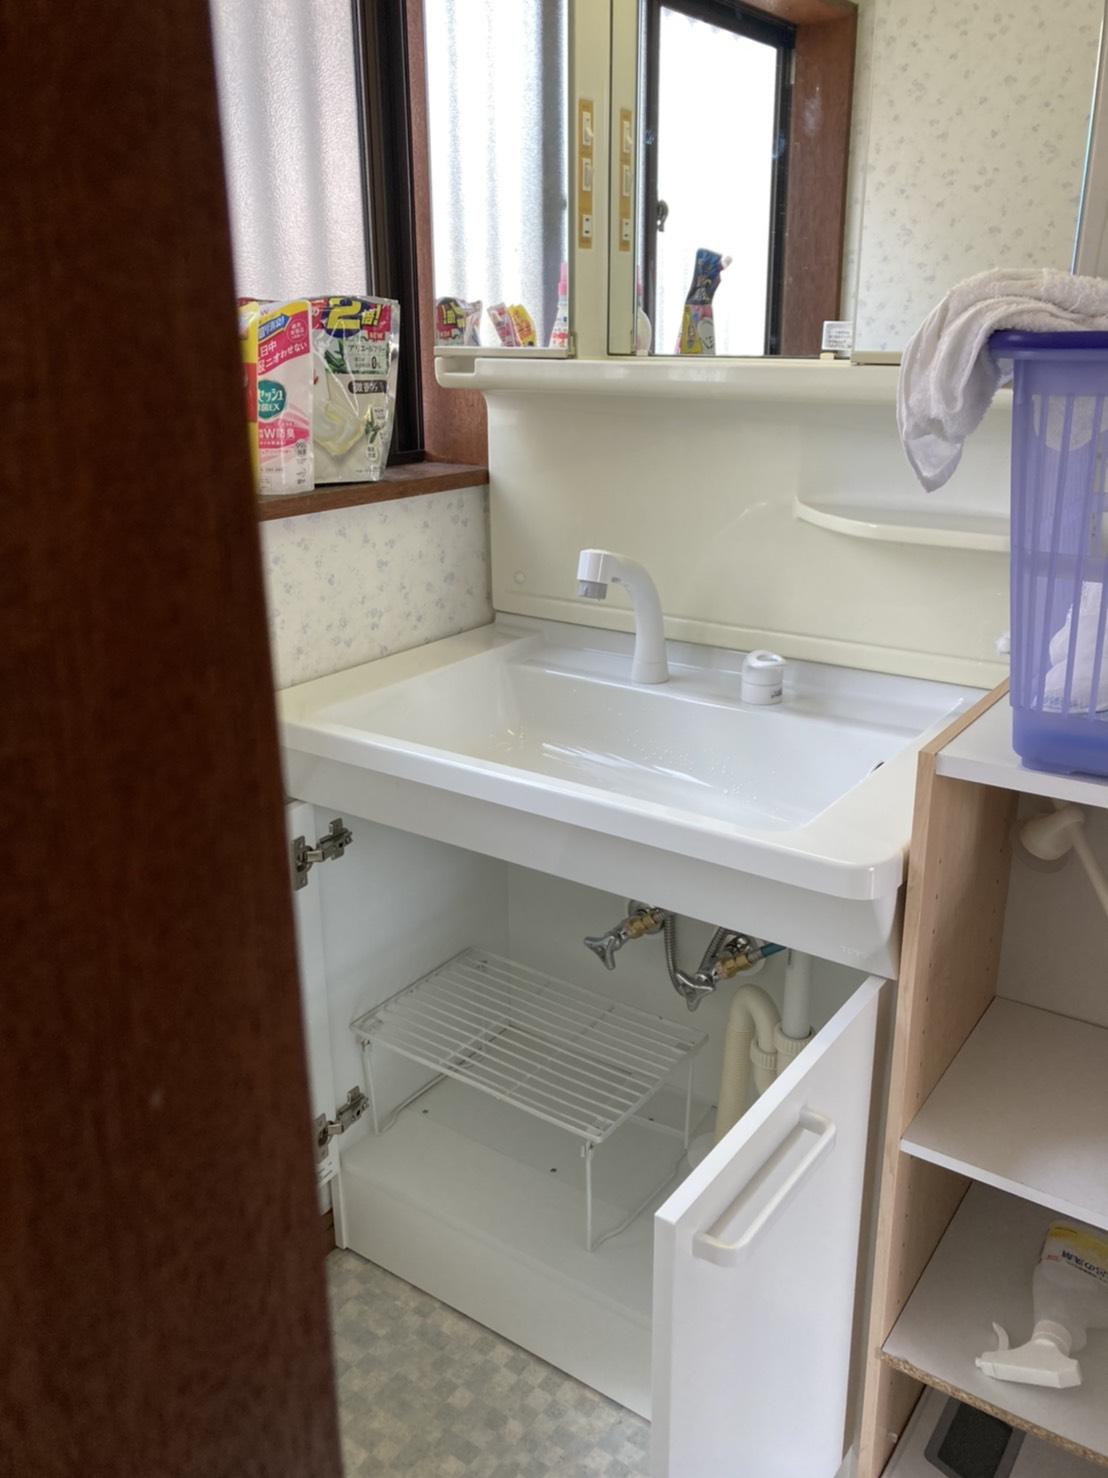 Read more about the article 水漏れは、早めの対応が重要!洗面台の交換目安は15年です。